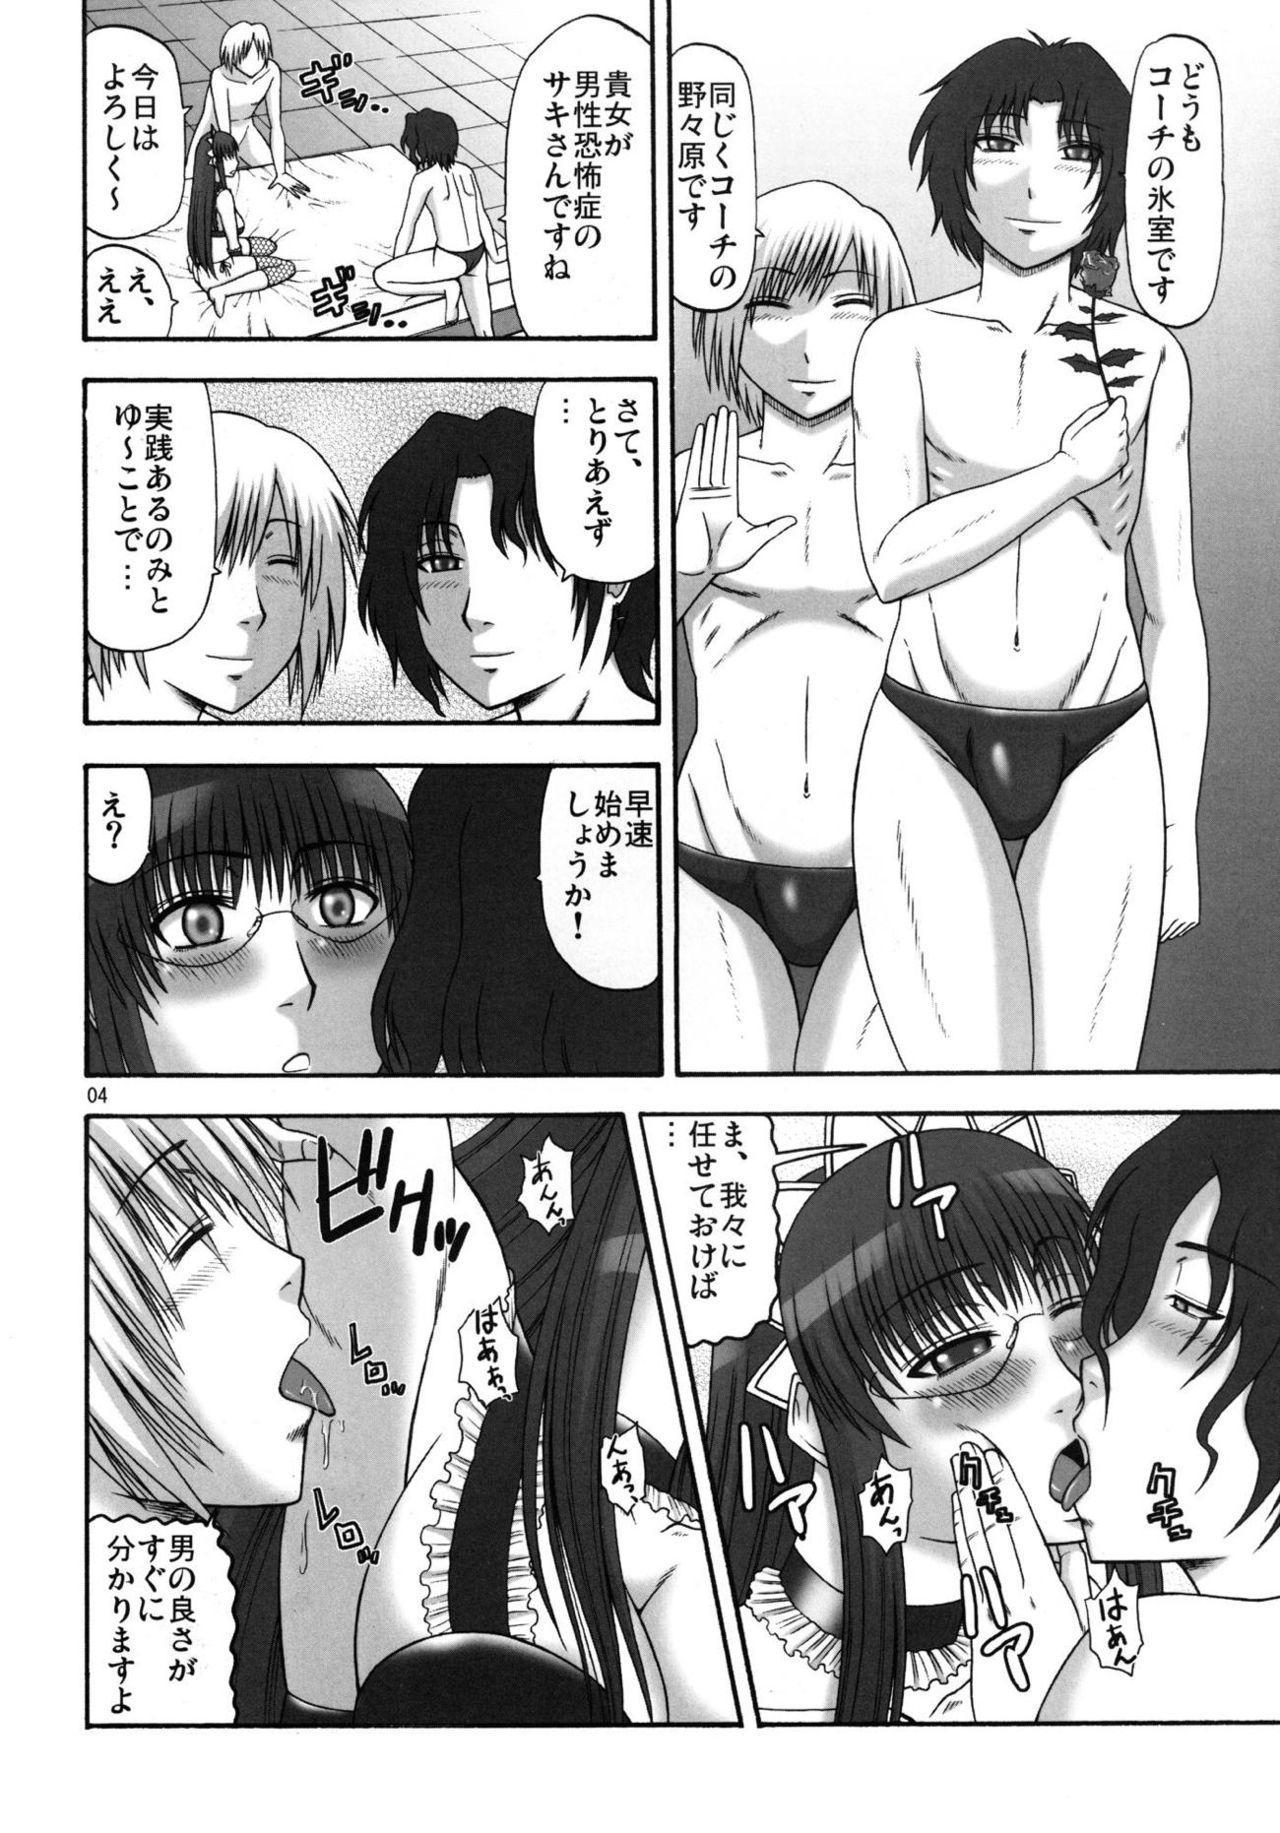 Saki-san no Yuuutsu 2